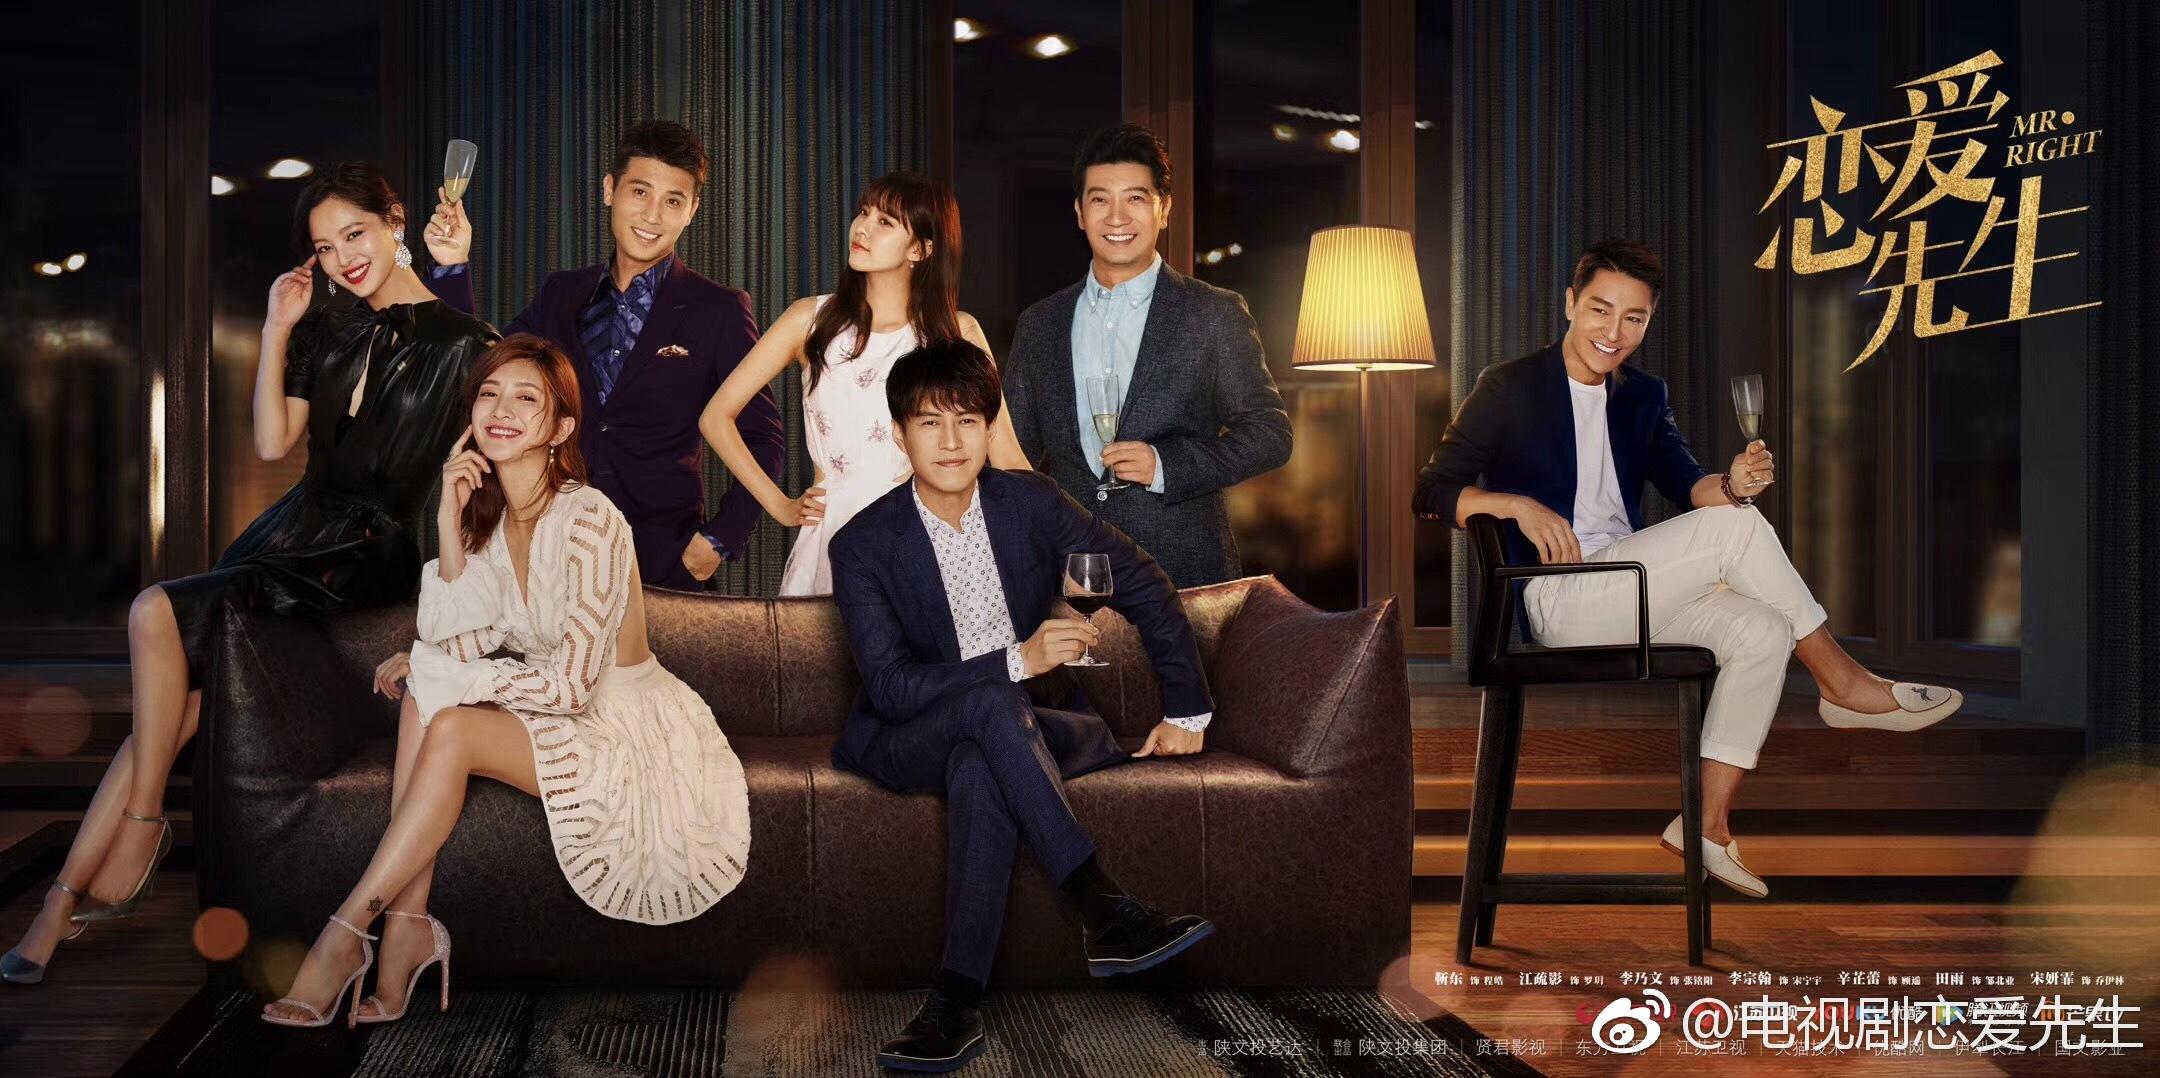 Top 5 phim Trung có lượt xem cao nhất từ đầu năm đến nay: \u0027Diên Hi công lược\u0027 vẫn chưa phải cao nhất